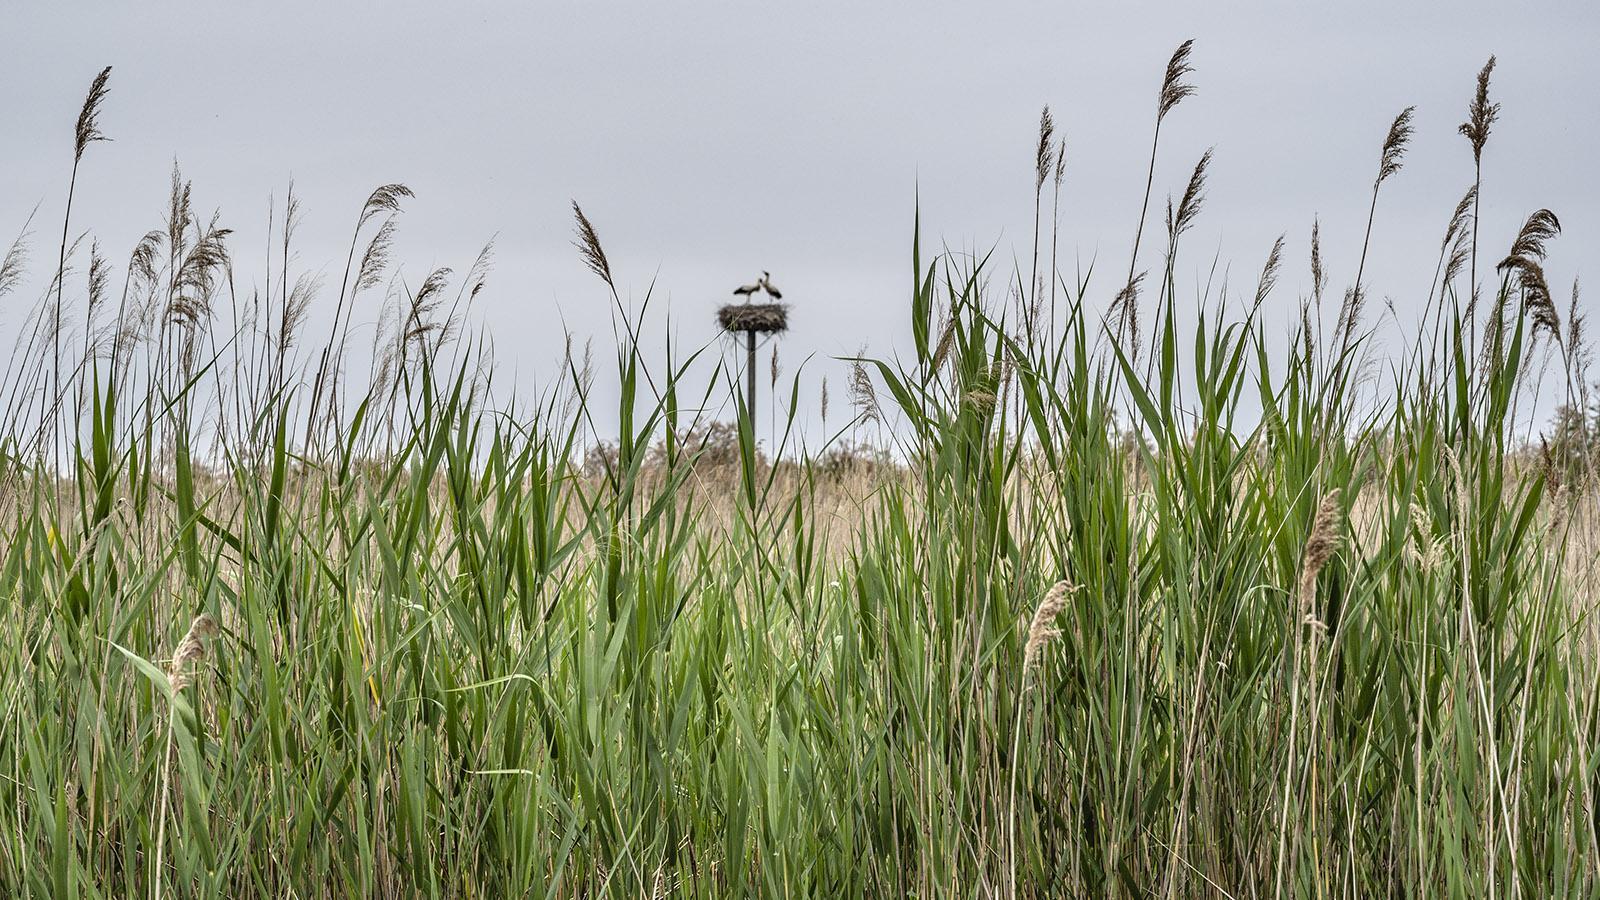 Störche nisten im Naturreservat von Scamandre. Foto: Hilke Maunder